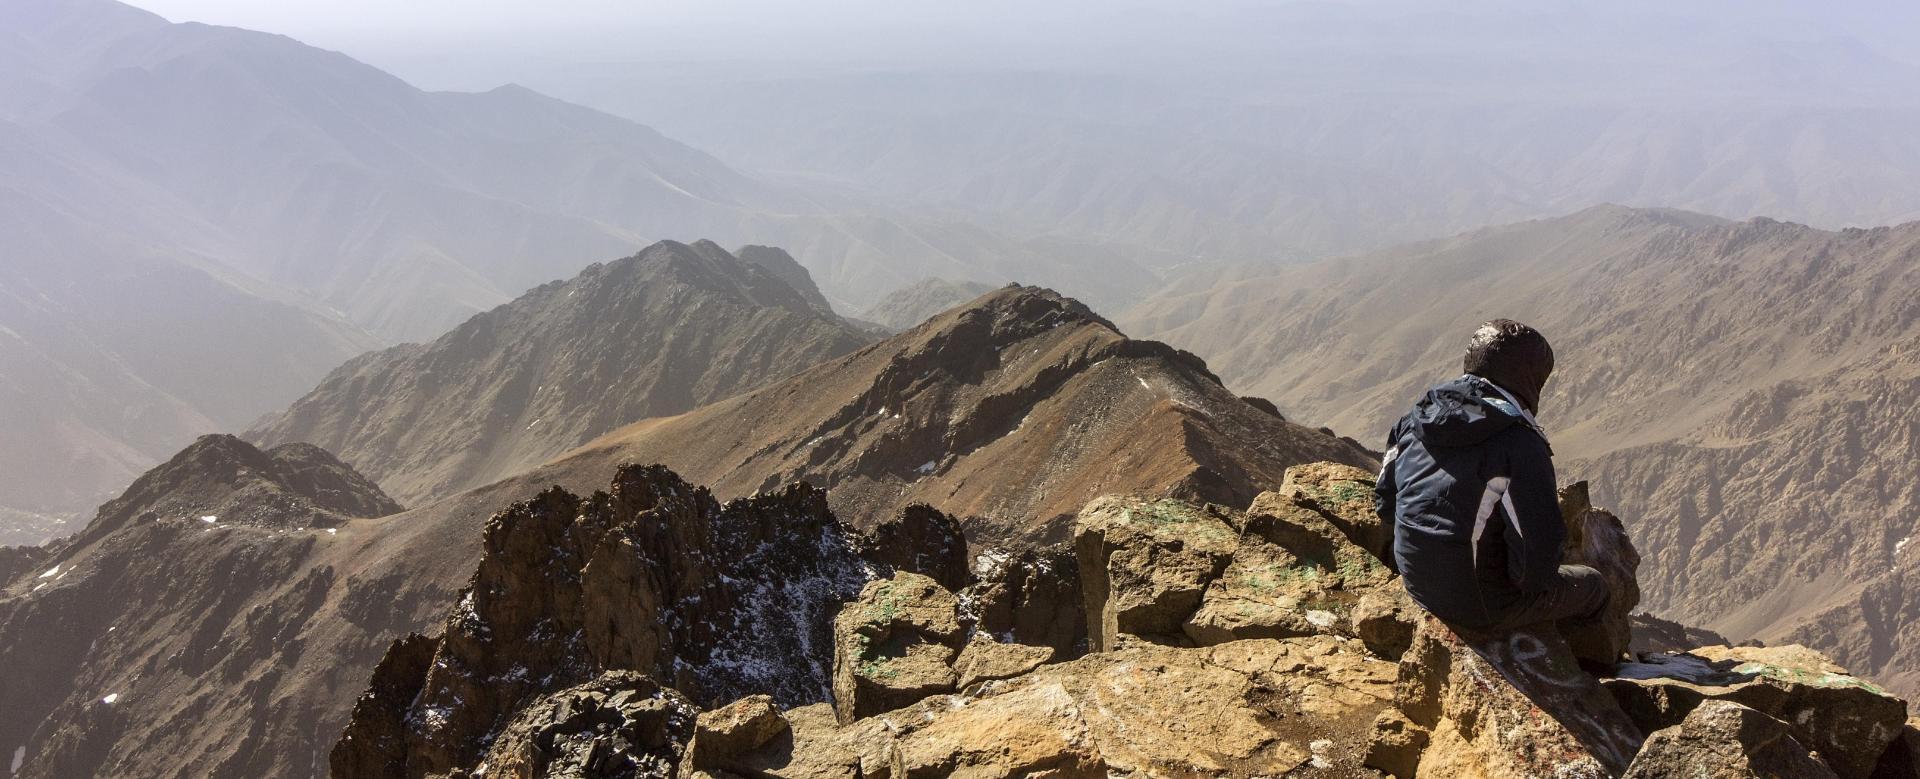 Voyage à pied Maroc : La grande traversée du haut-atlas